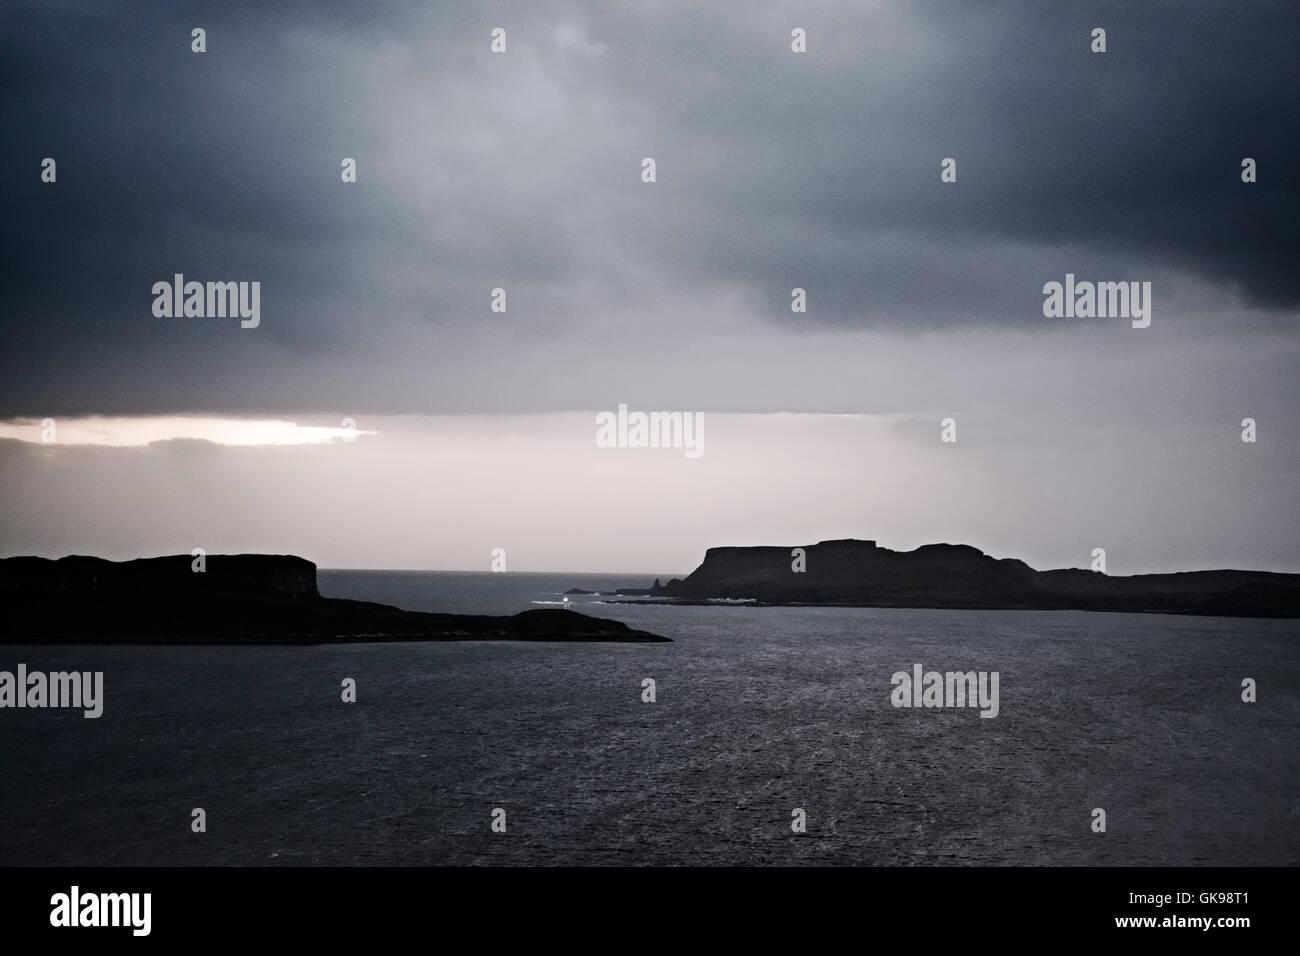 Crépuscule sur l'ouest de l'île de Skye à à Ardtreck Point Lighthouse et île de Oronsay. Banque D'Images